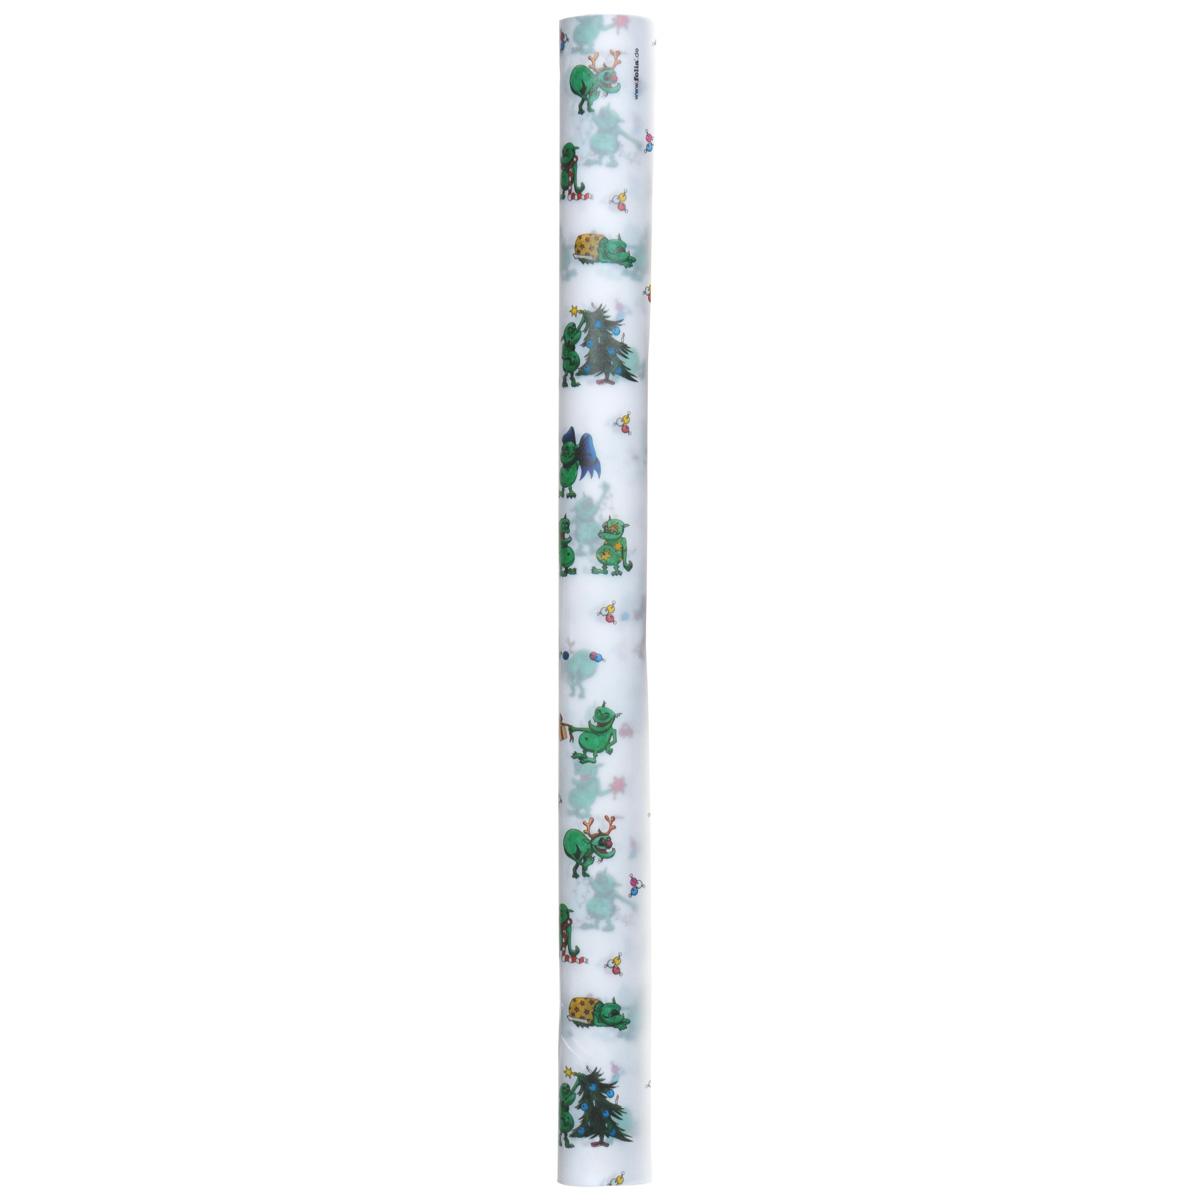 Транспарентная бумага Folia Рождественские тролли, цвет: белый, зеленый, 50,5 x 70 см